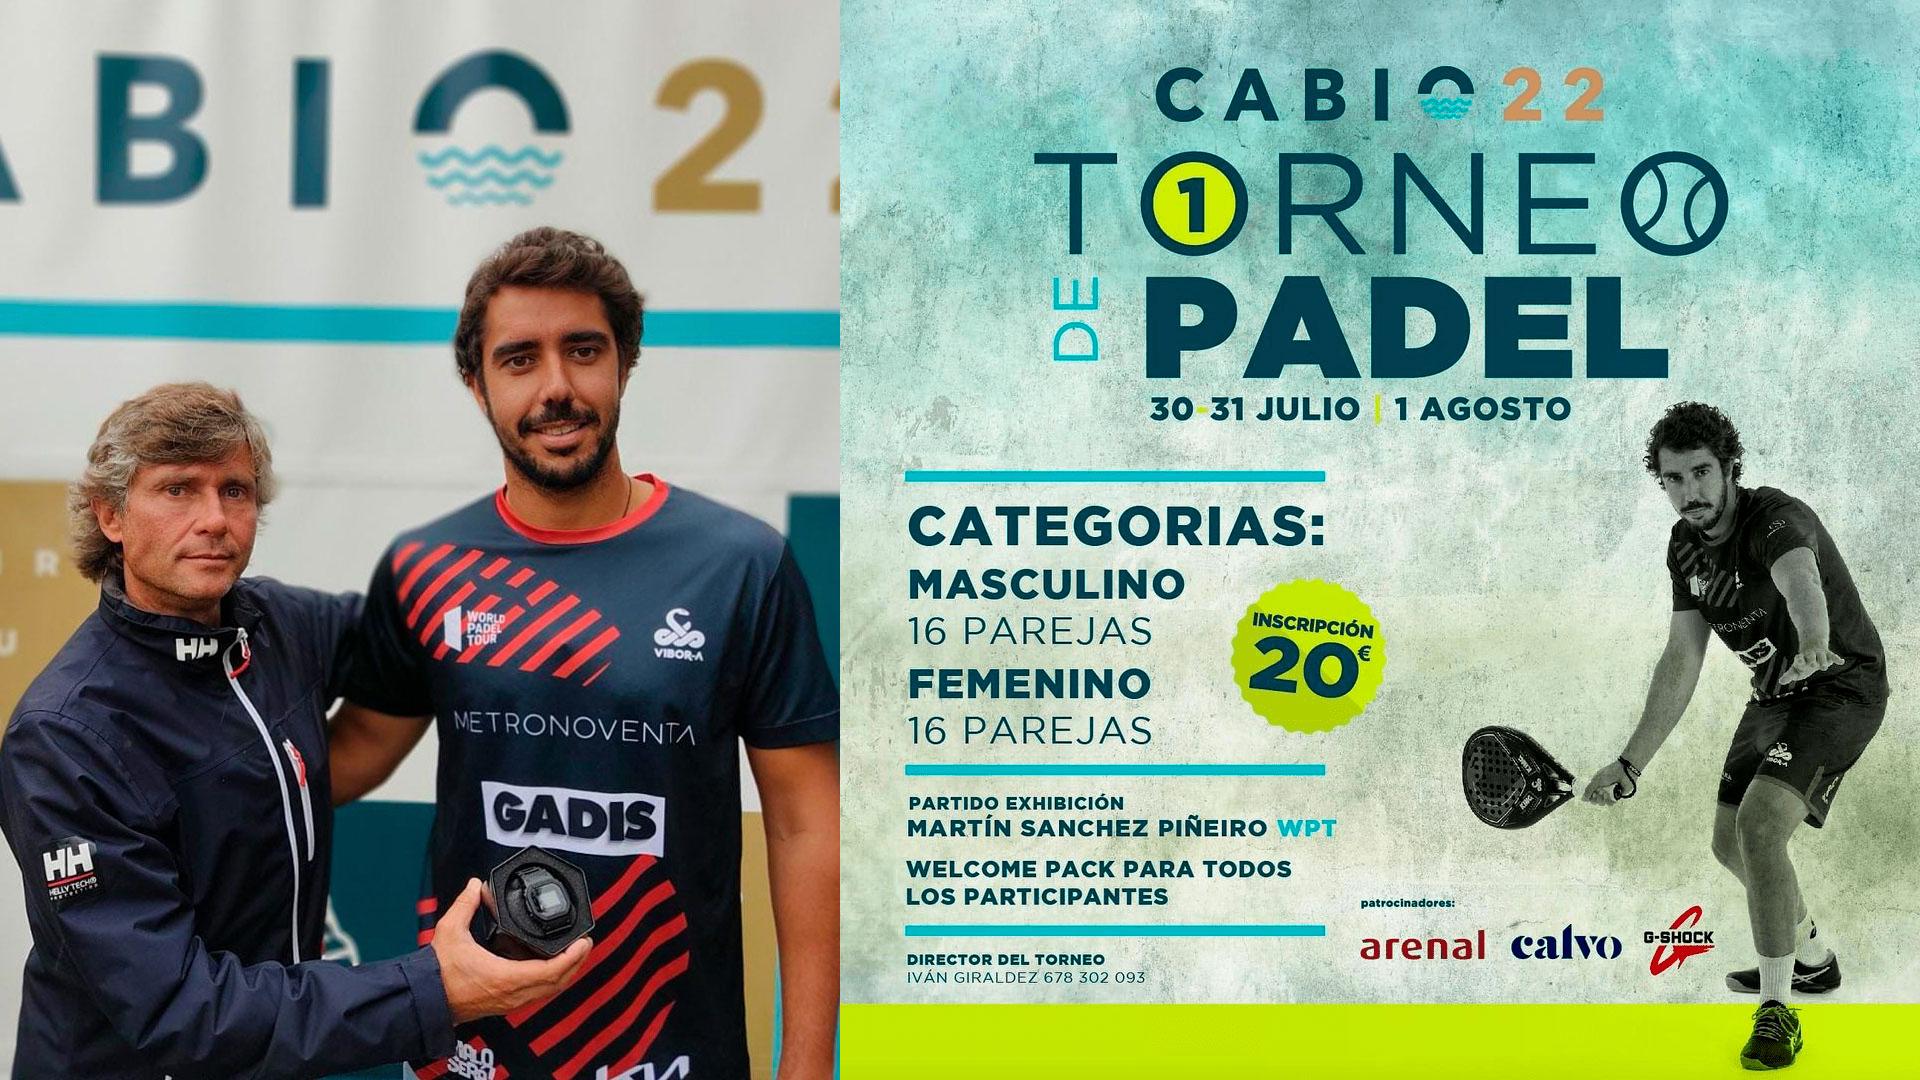 Joyería Calvo y Casio G-Shock Continúan Su Unión Para Premiar El Deporte, En El Torneo De Padel Celebrado En Cabío